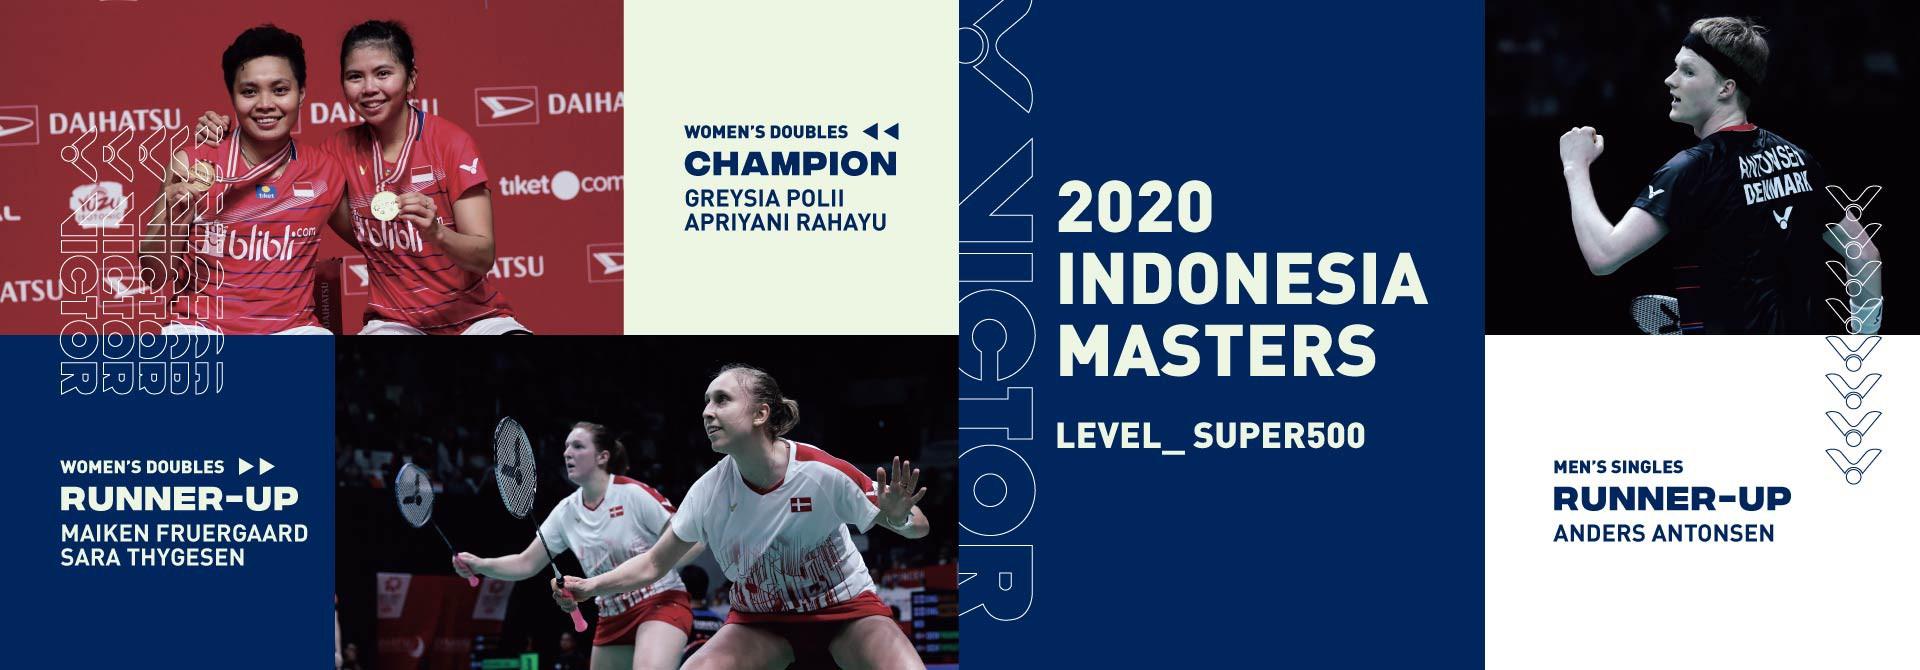 INDONESIA MASTER